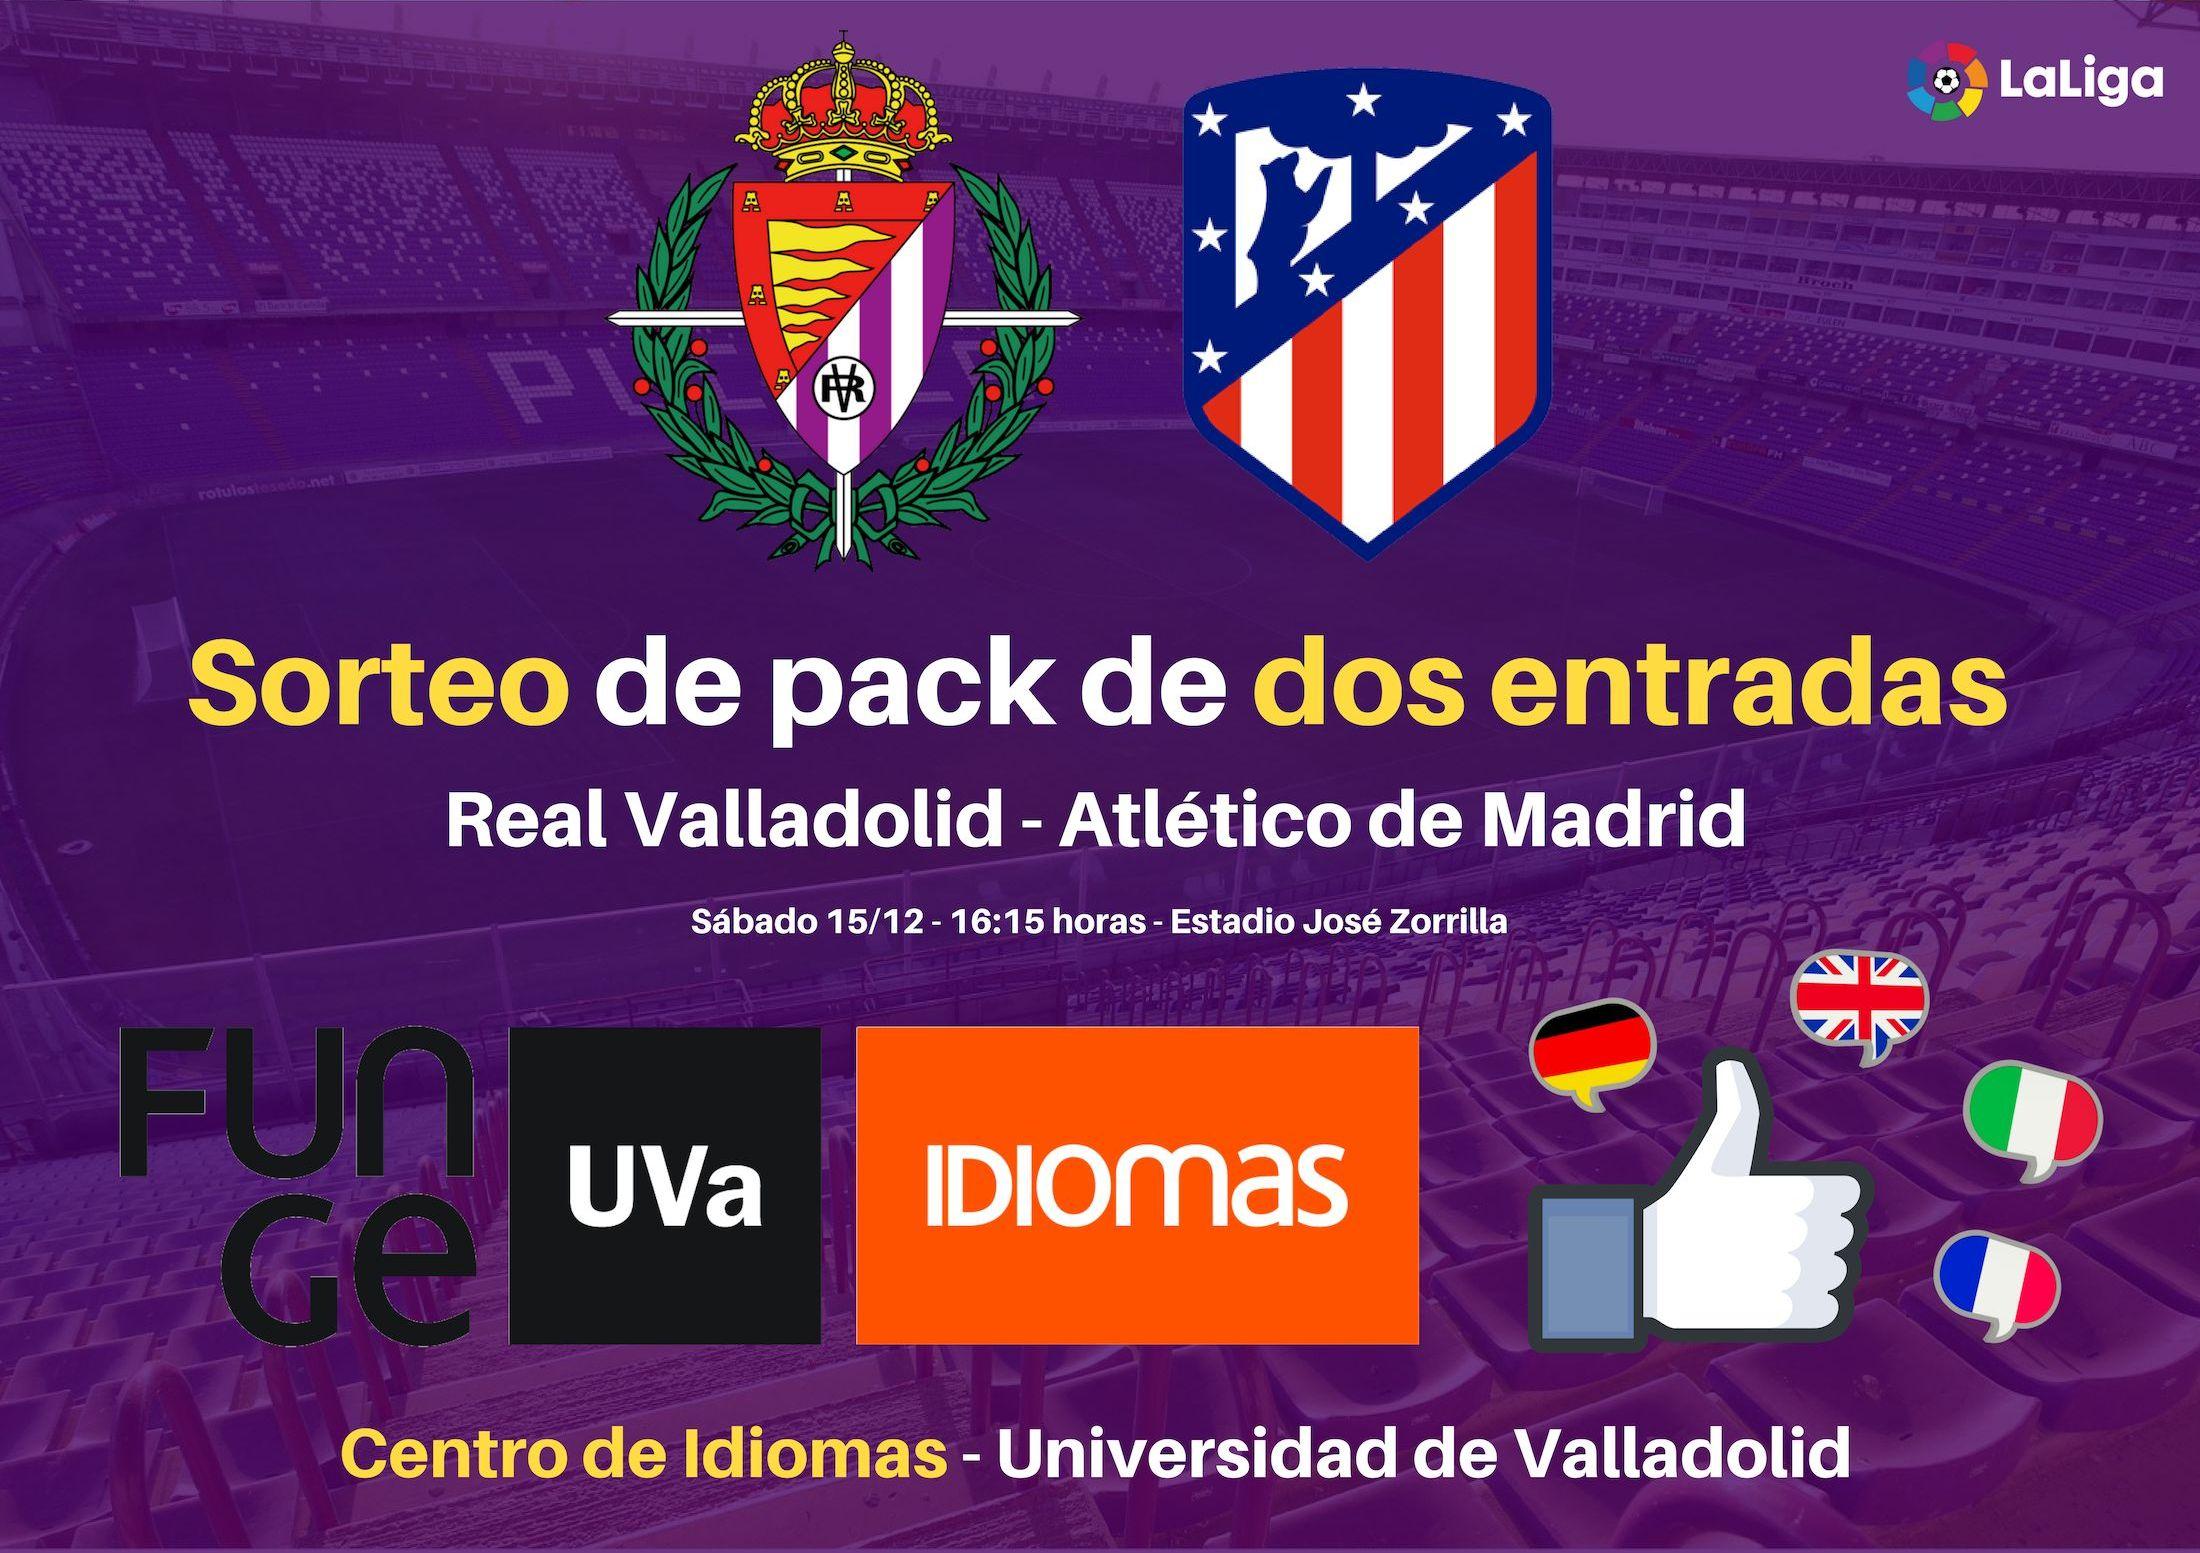 Concurso Valladolid-Atlético